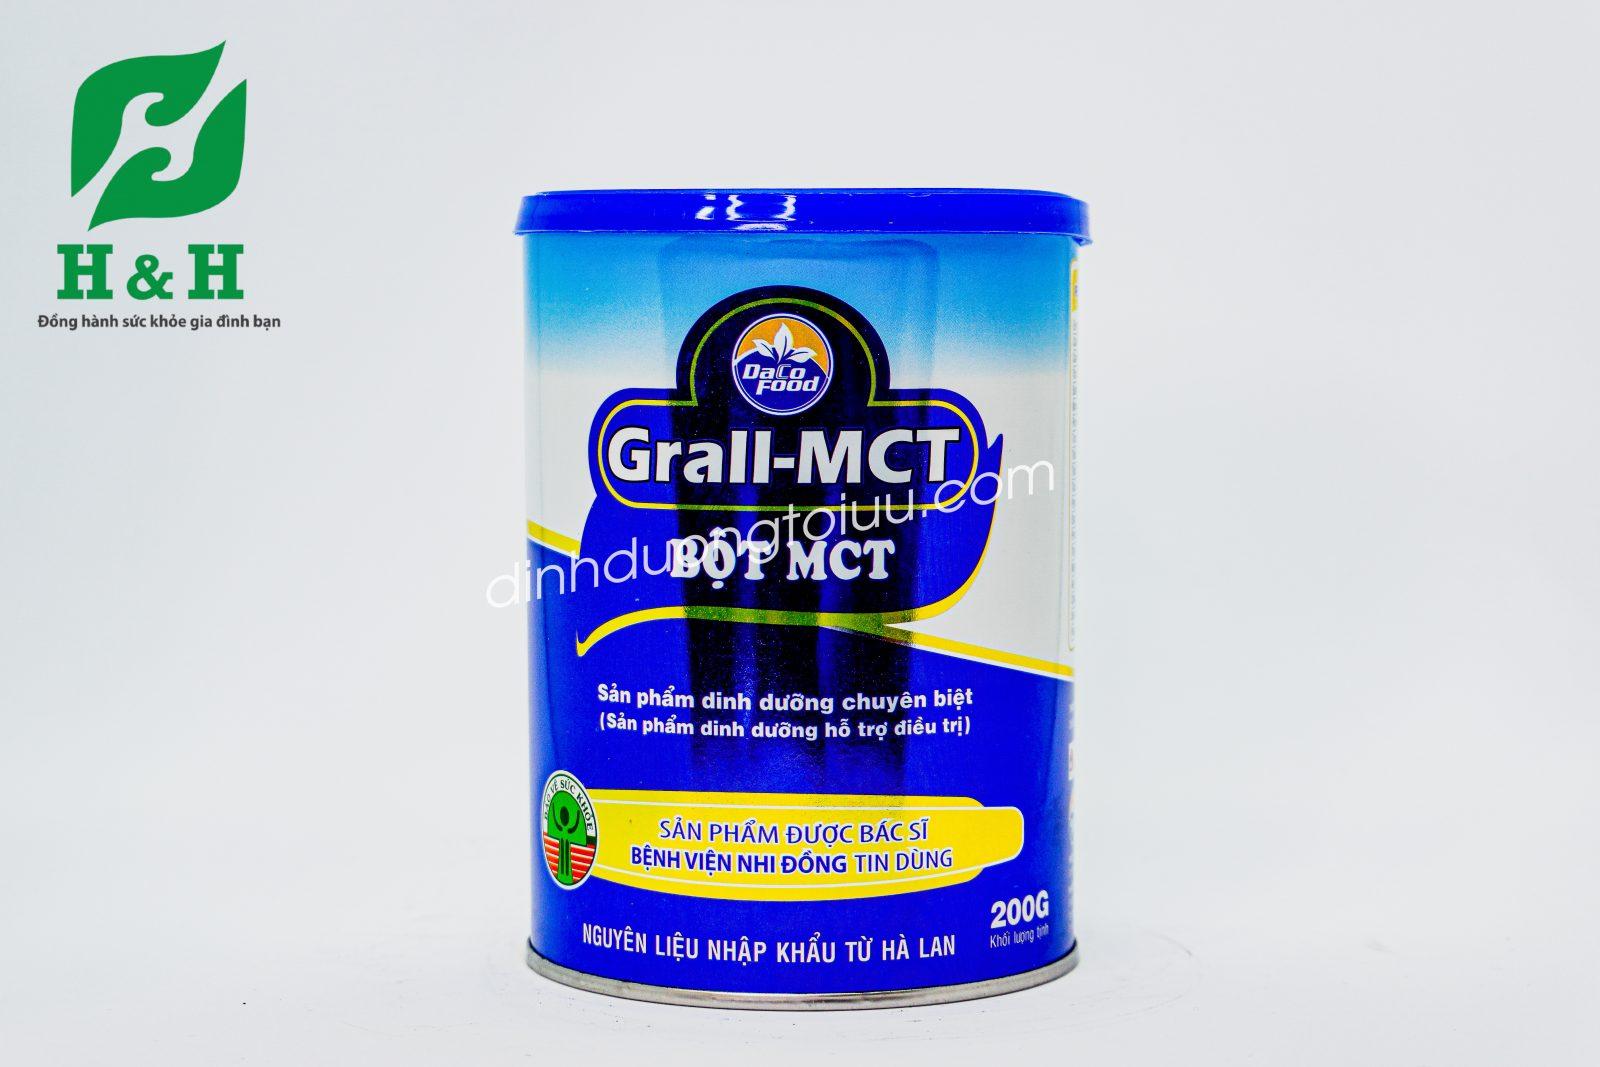 Bột Grall MCT - Sản phẩm dinh dưỡng hỗ trợ điều trị trẻ chậm tăng cân, suy dinh dưỡng